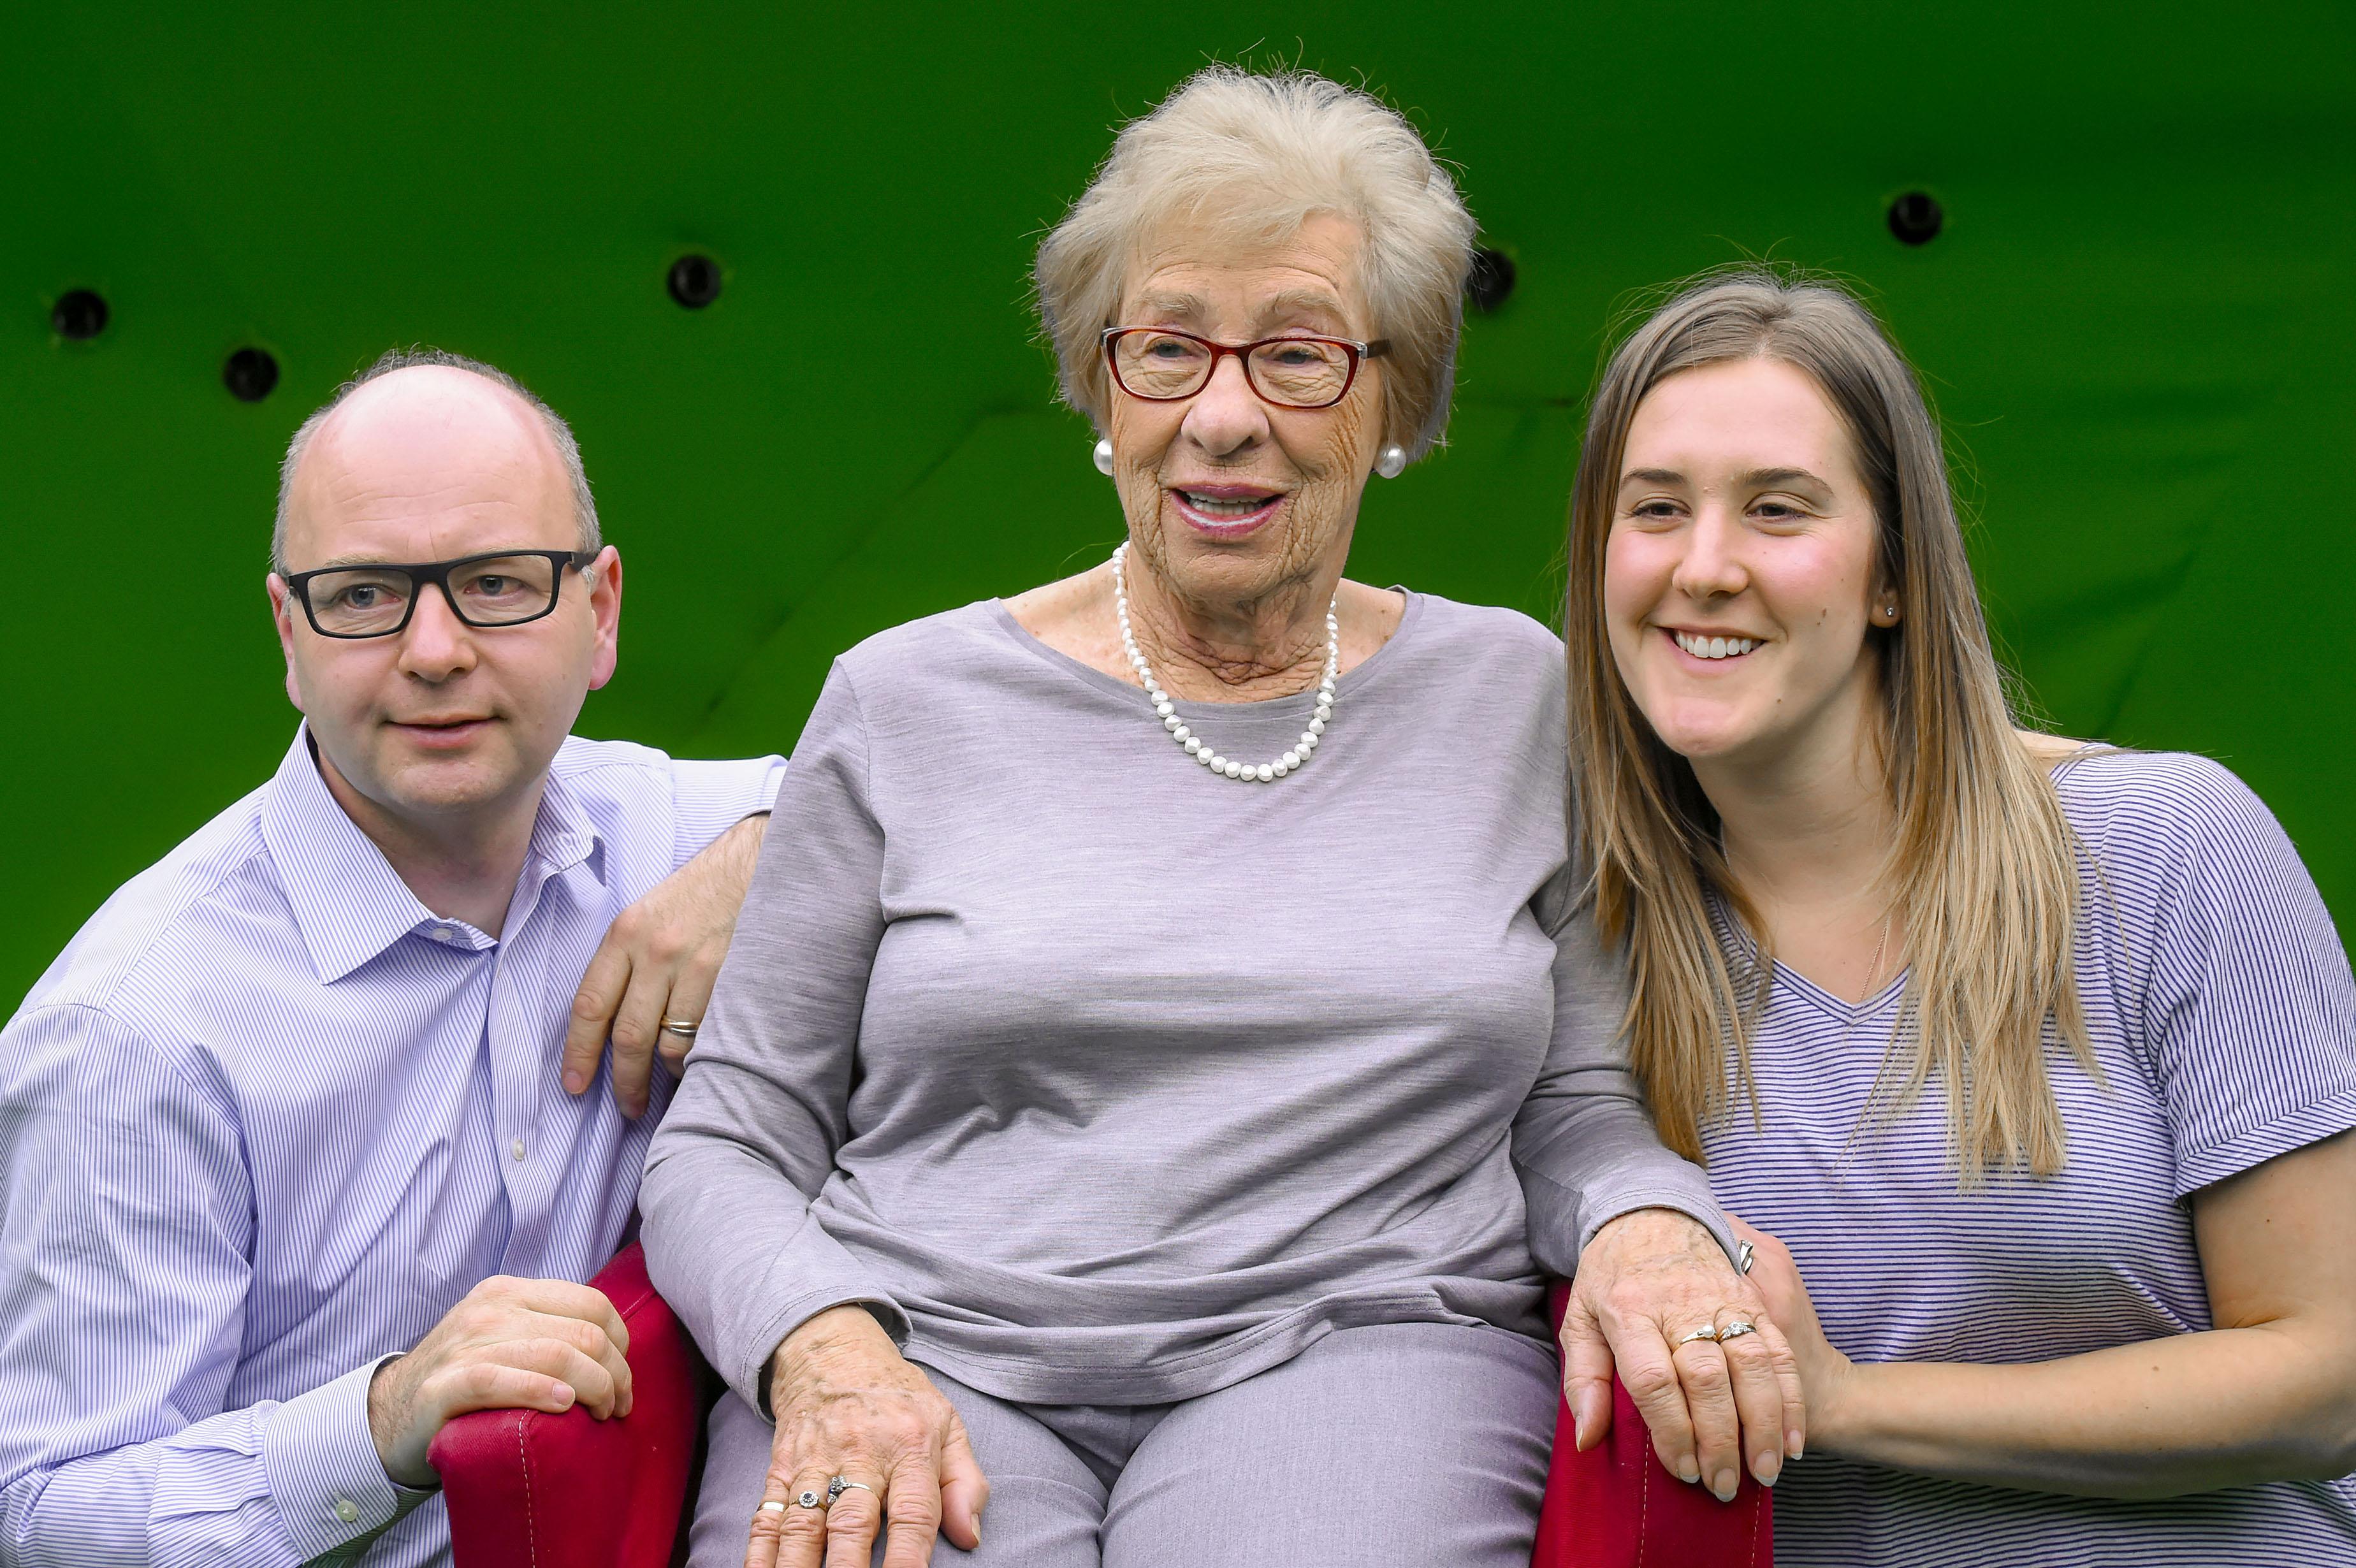 From left, Stephen Smith, Eva Schloss and Eva's granddaughter Lisa Heiler